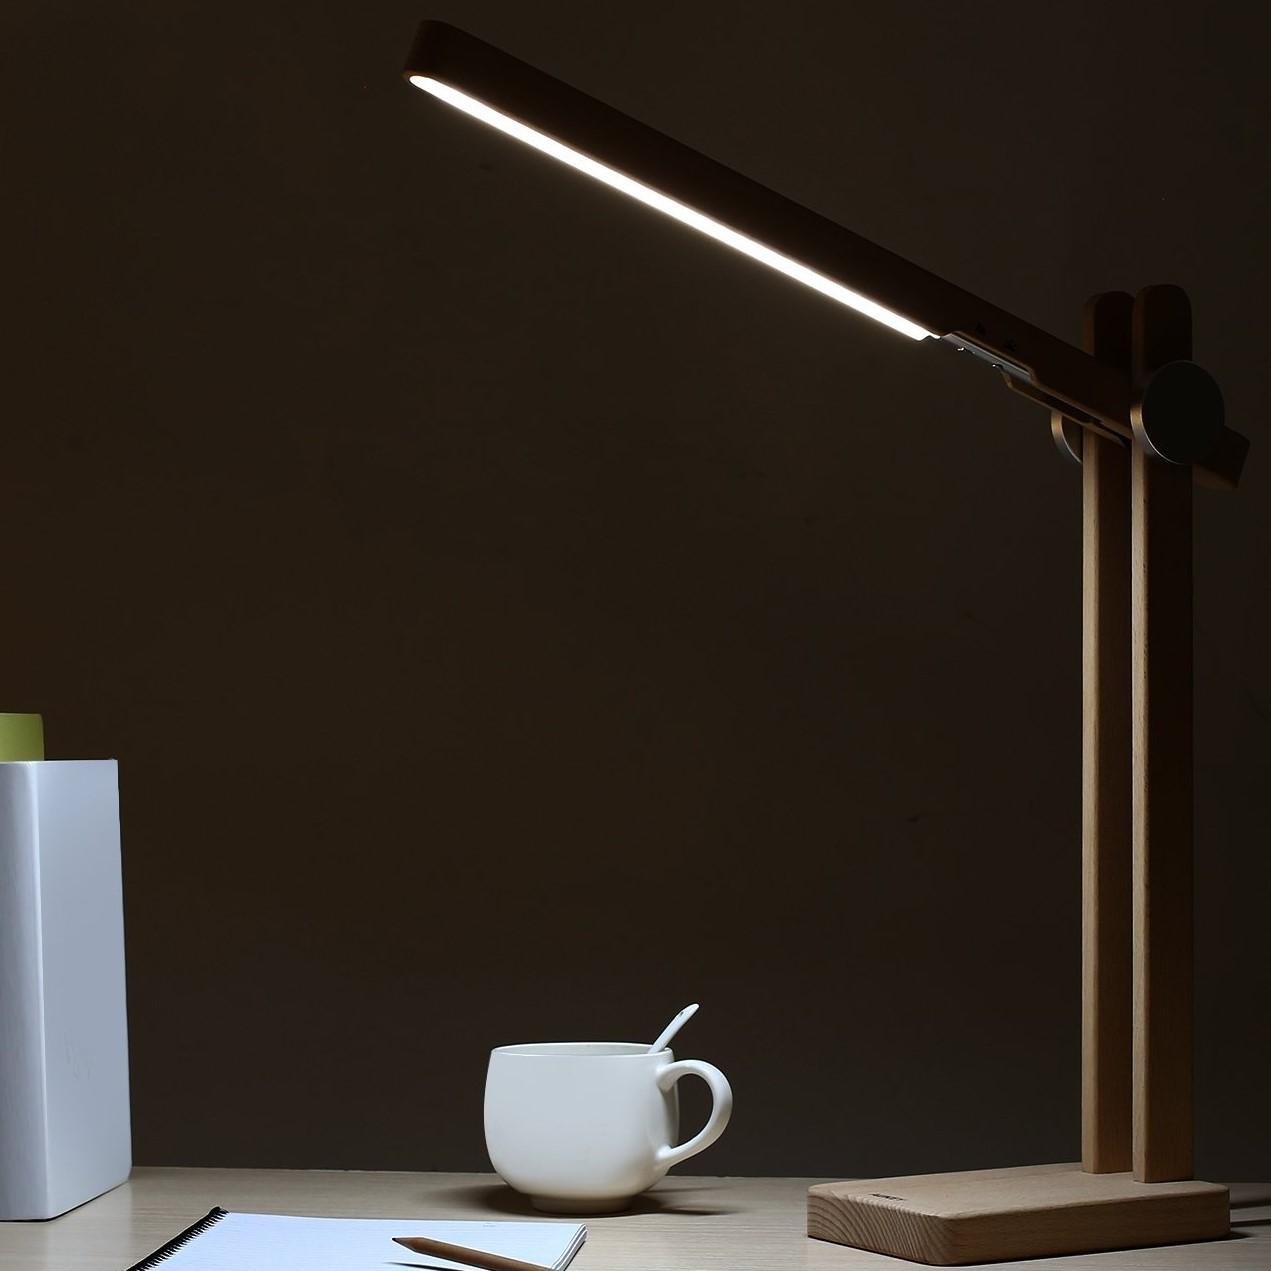 aukey schreibtischlampe testbericht helle leuchte mit extras. Black Bedroom Furniture Sets. Home Design Ideas